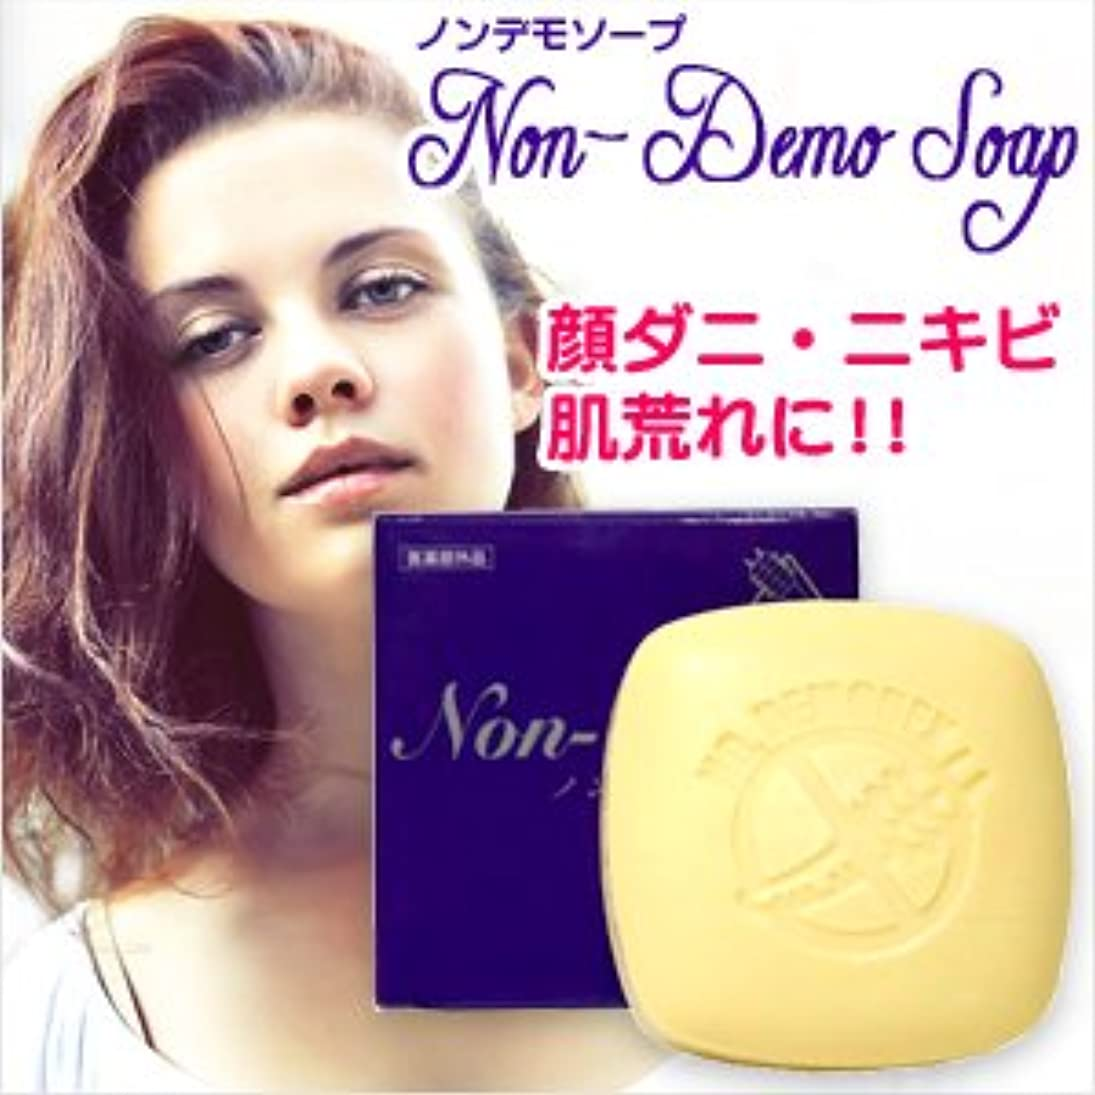 視聴者比喩エラー(医薬部外品) 顔ダニ石鹸 ノンデモソープ (Non-Demo Soap) 130g